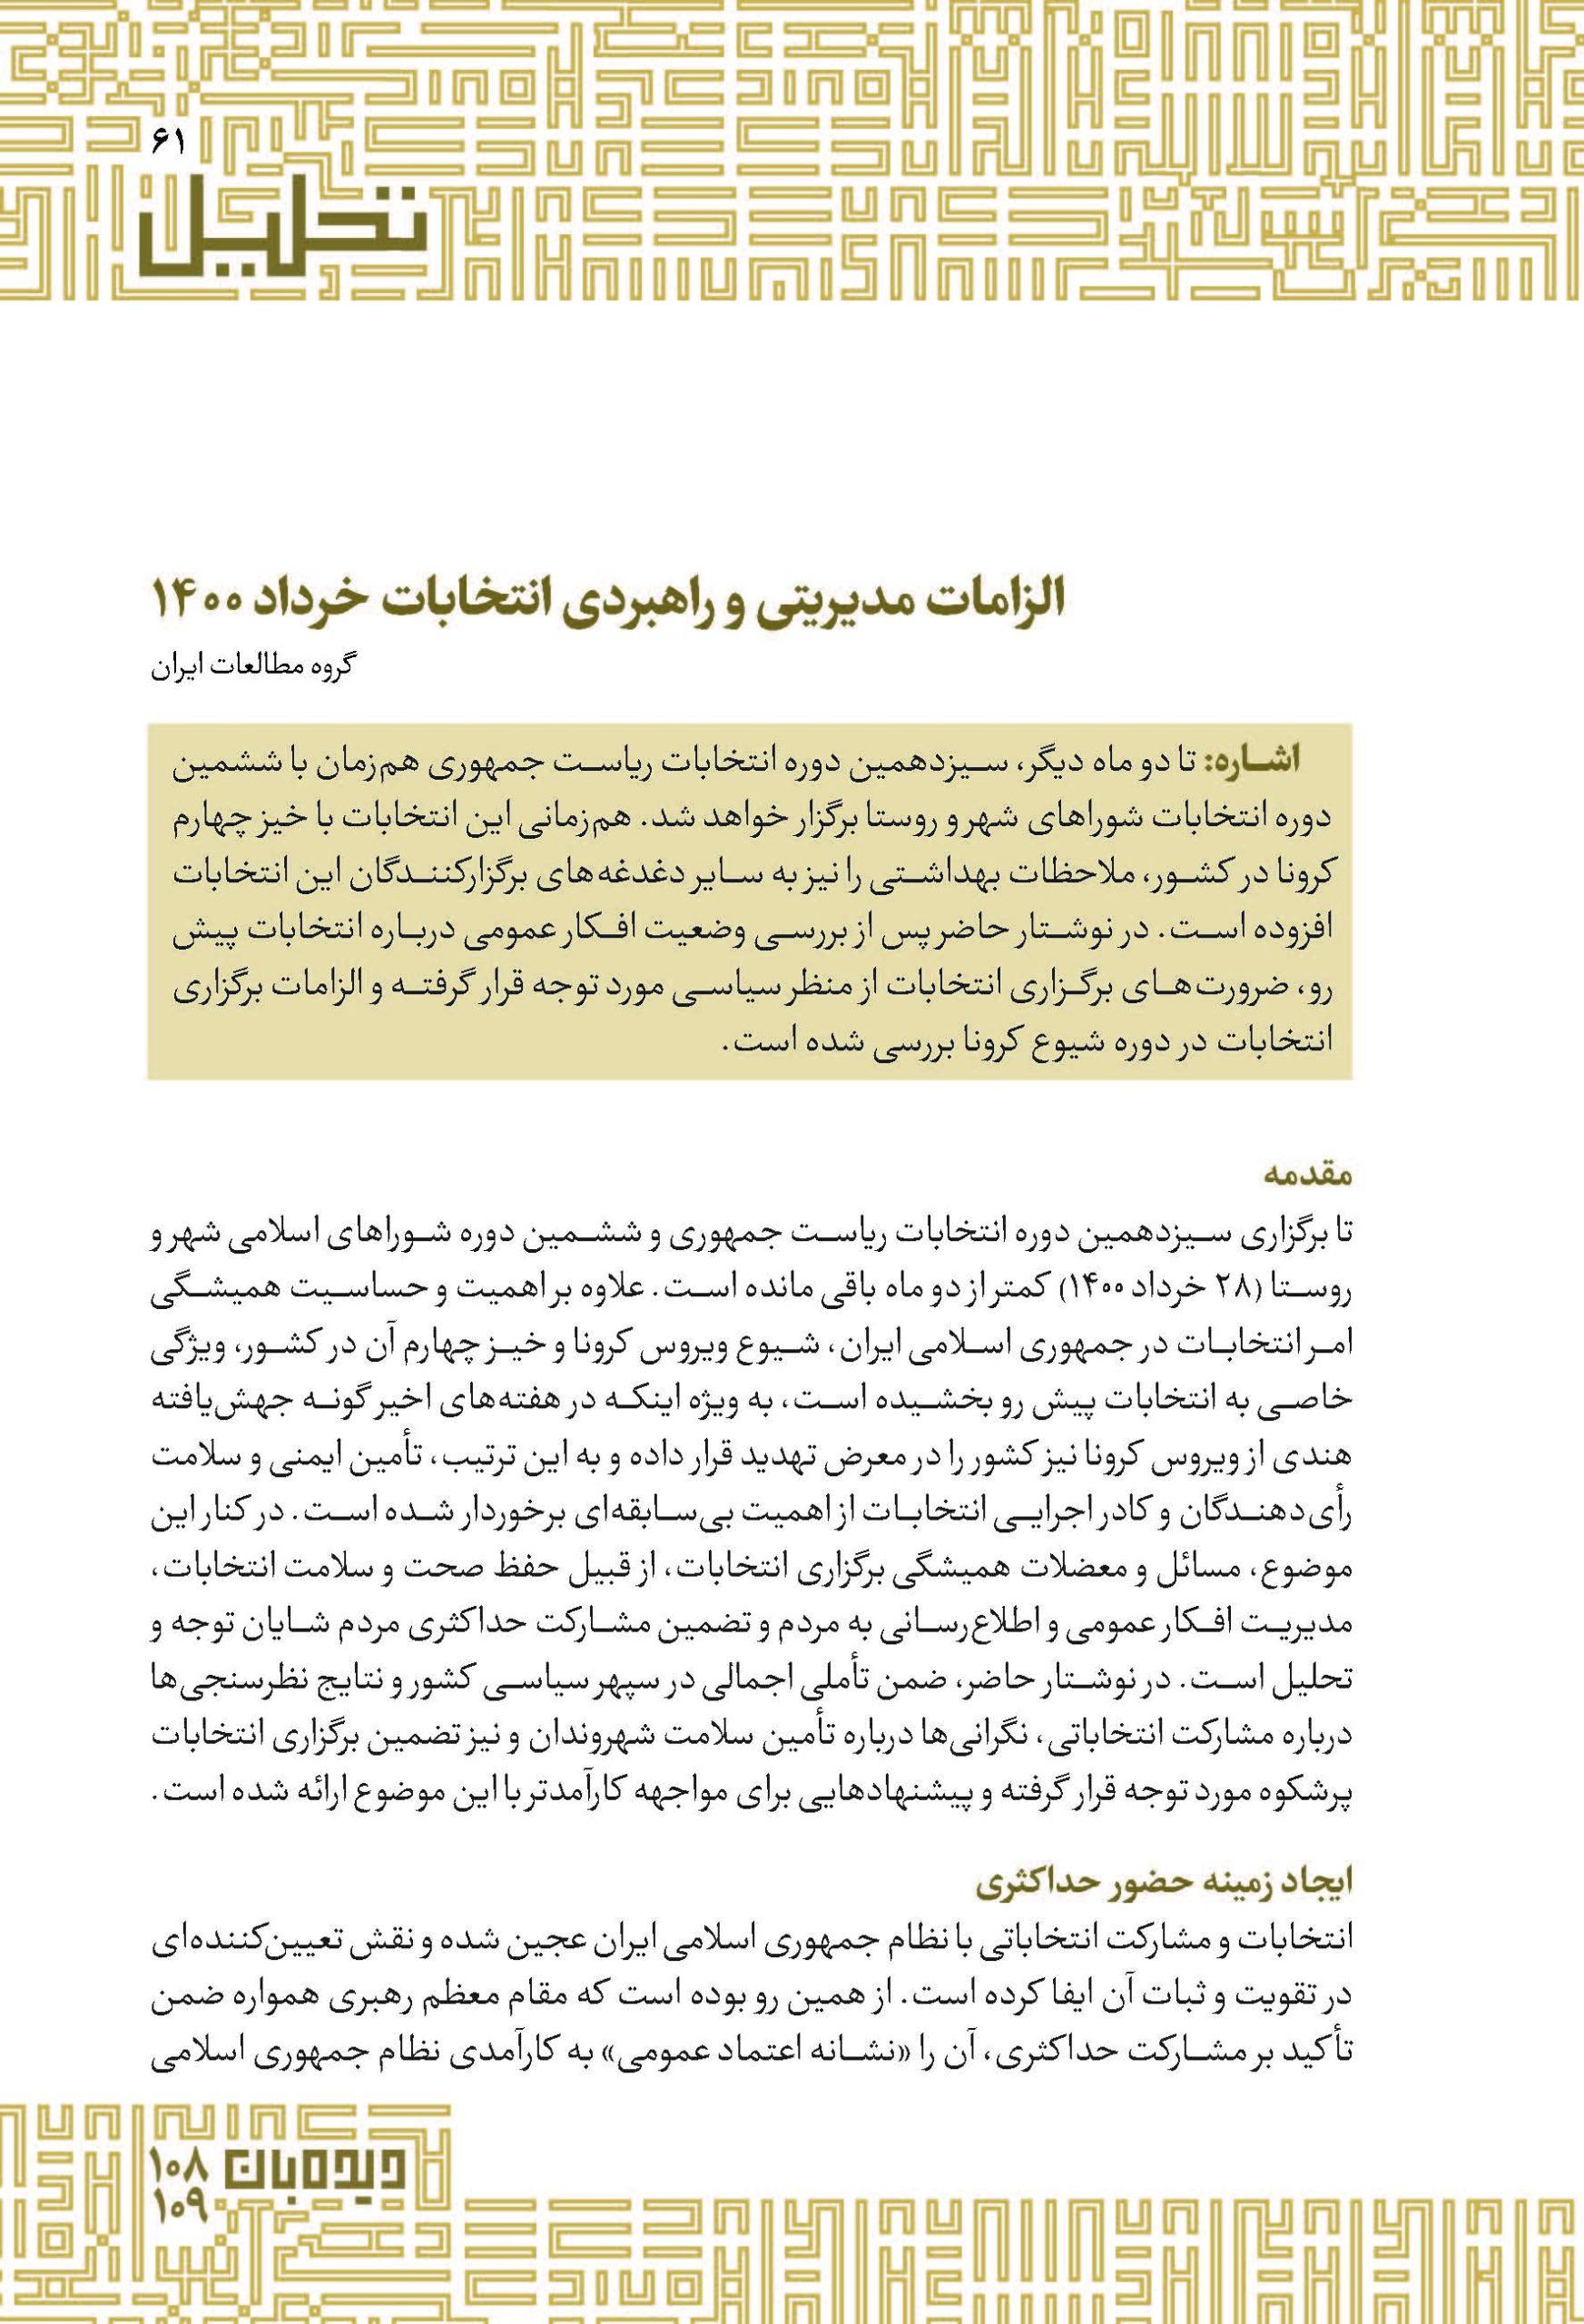 الزامات مدیریتی و راهبردی انتخابات خرداد 1400